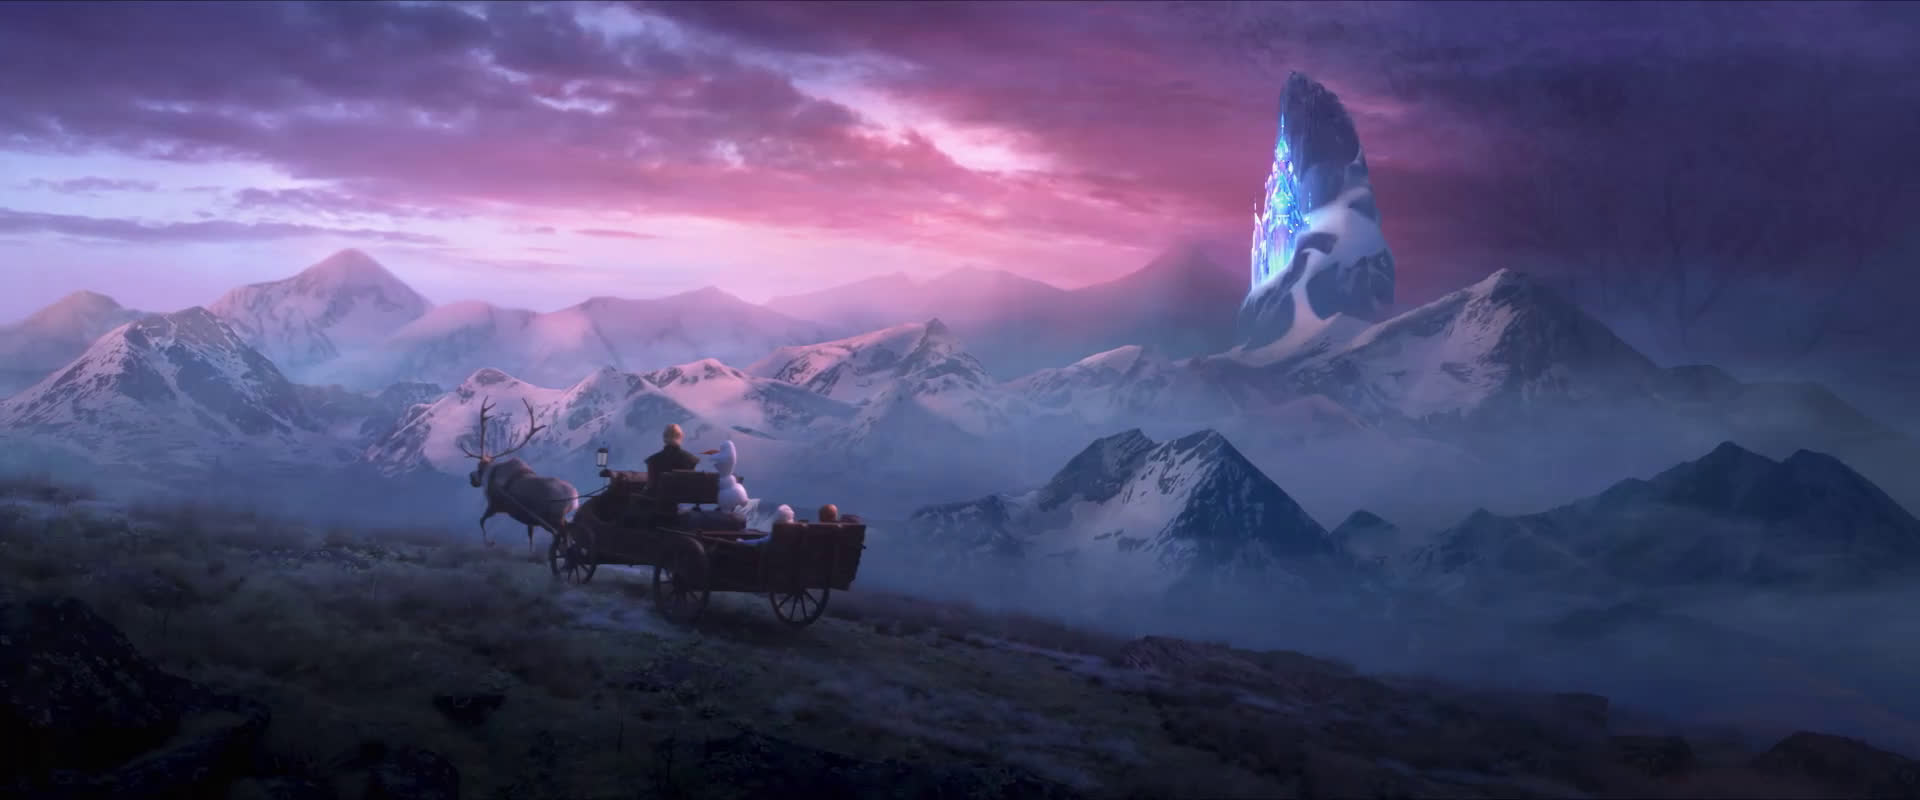 Замръзналото кралство 2 - втори трейлър, озвучен на български език